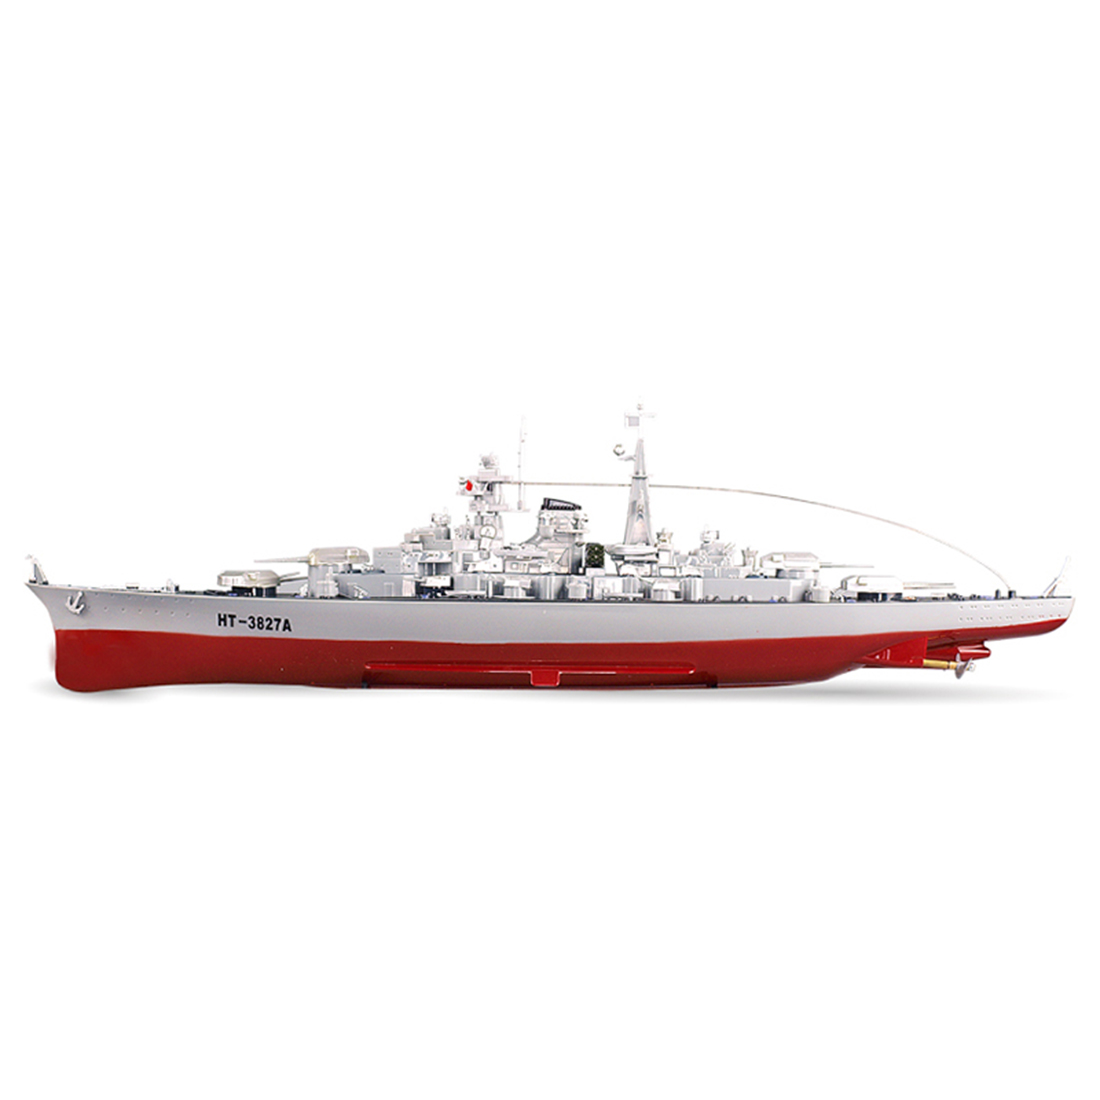 Chaud 71 cm 1: 360 RC militaire cuirassé RC Cruiser navire de guerre jouet contrôle militaire RC bateau destructeur modèle jouets meilleurs cadeaux-US Plug